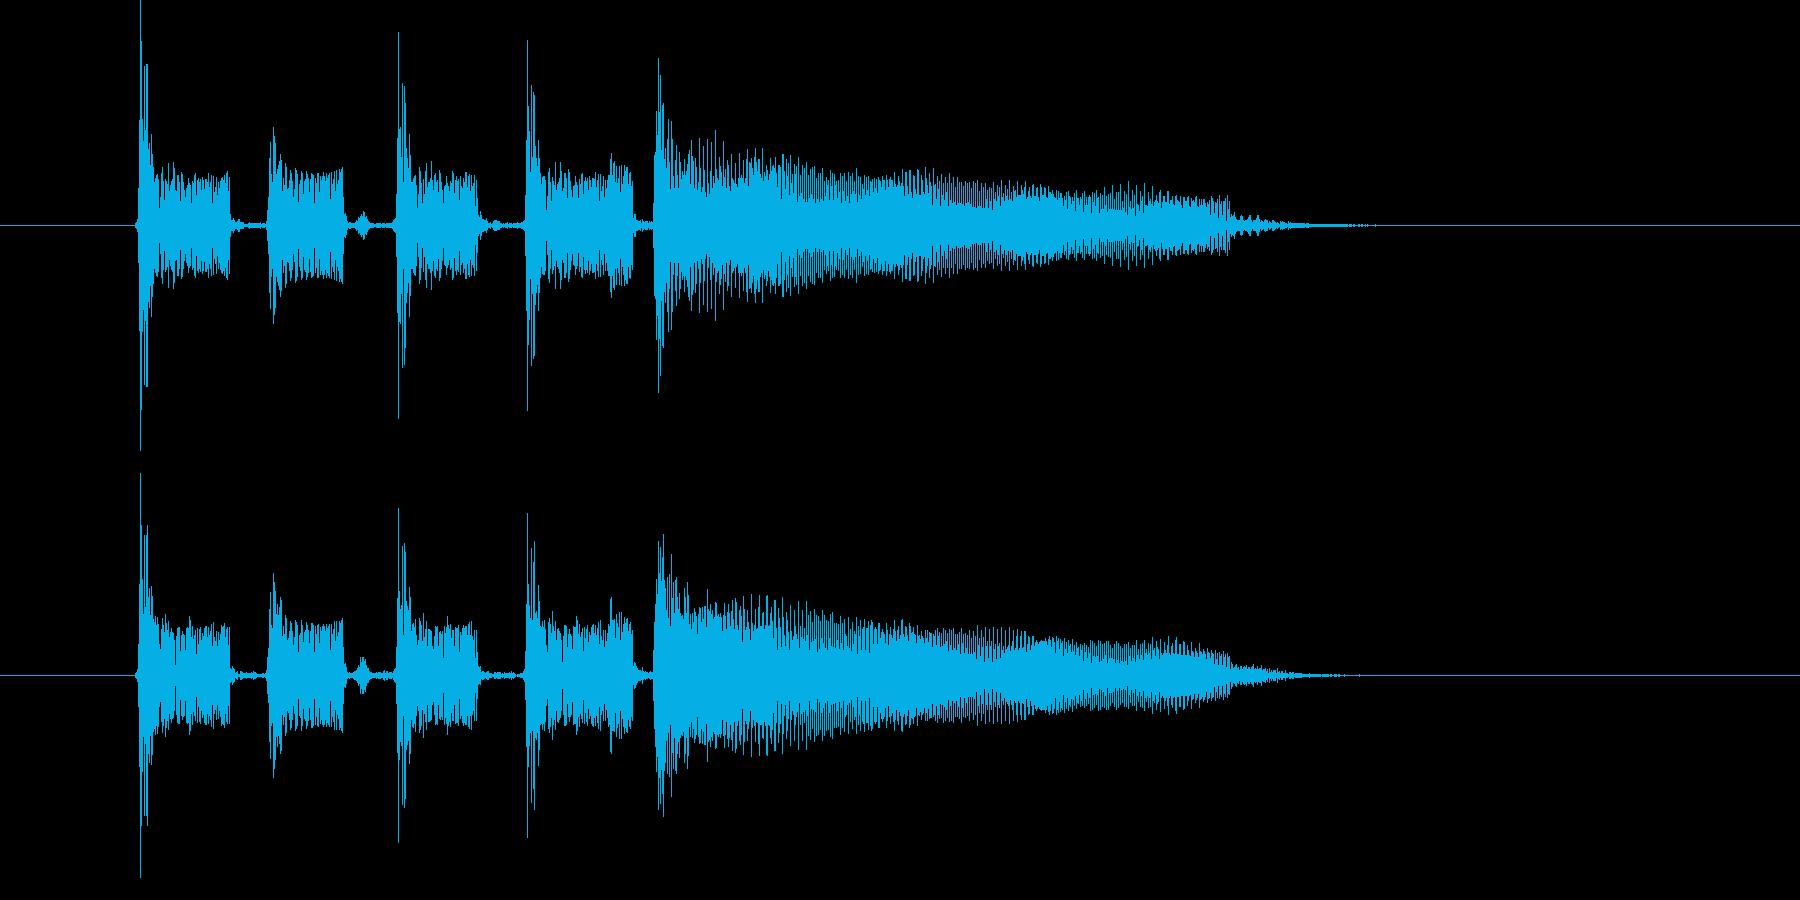 アップテンポで爽快感のある音楽の再生済みの波形